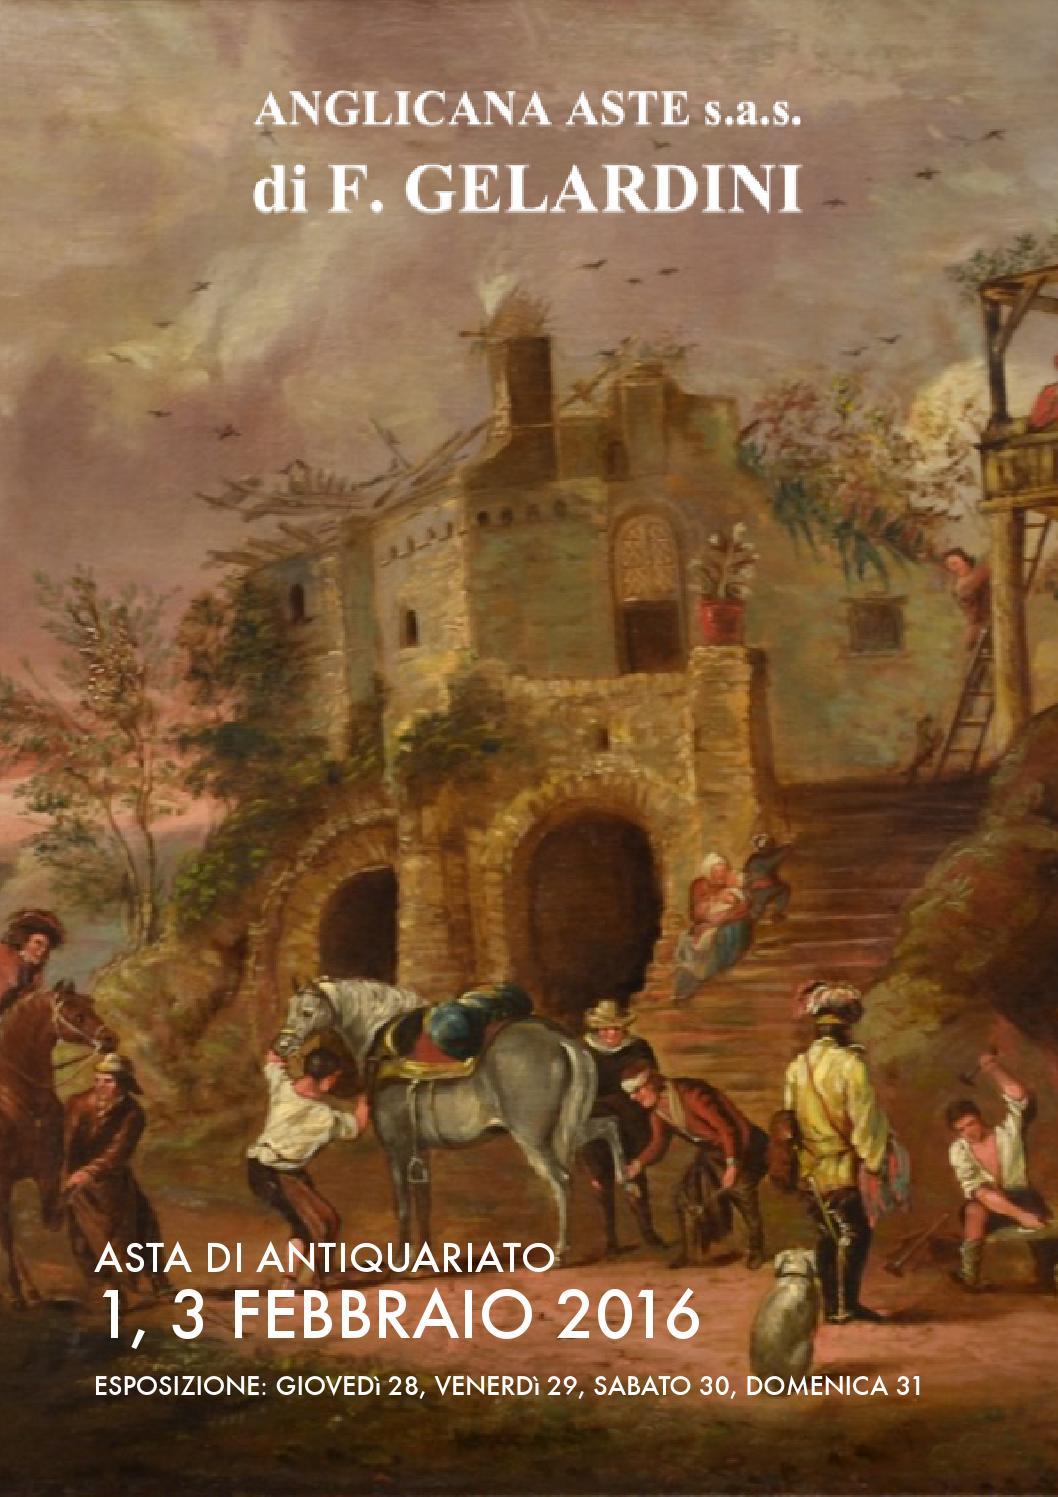 Asta di antiquariato by anglicana aste   issuu